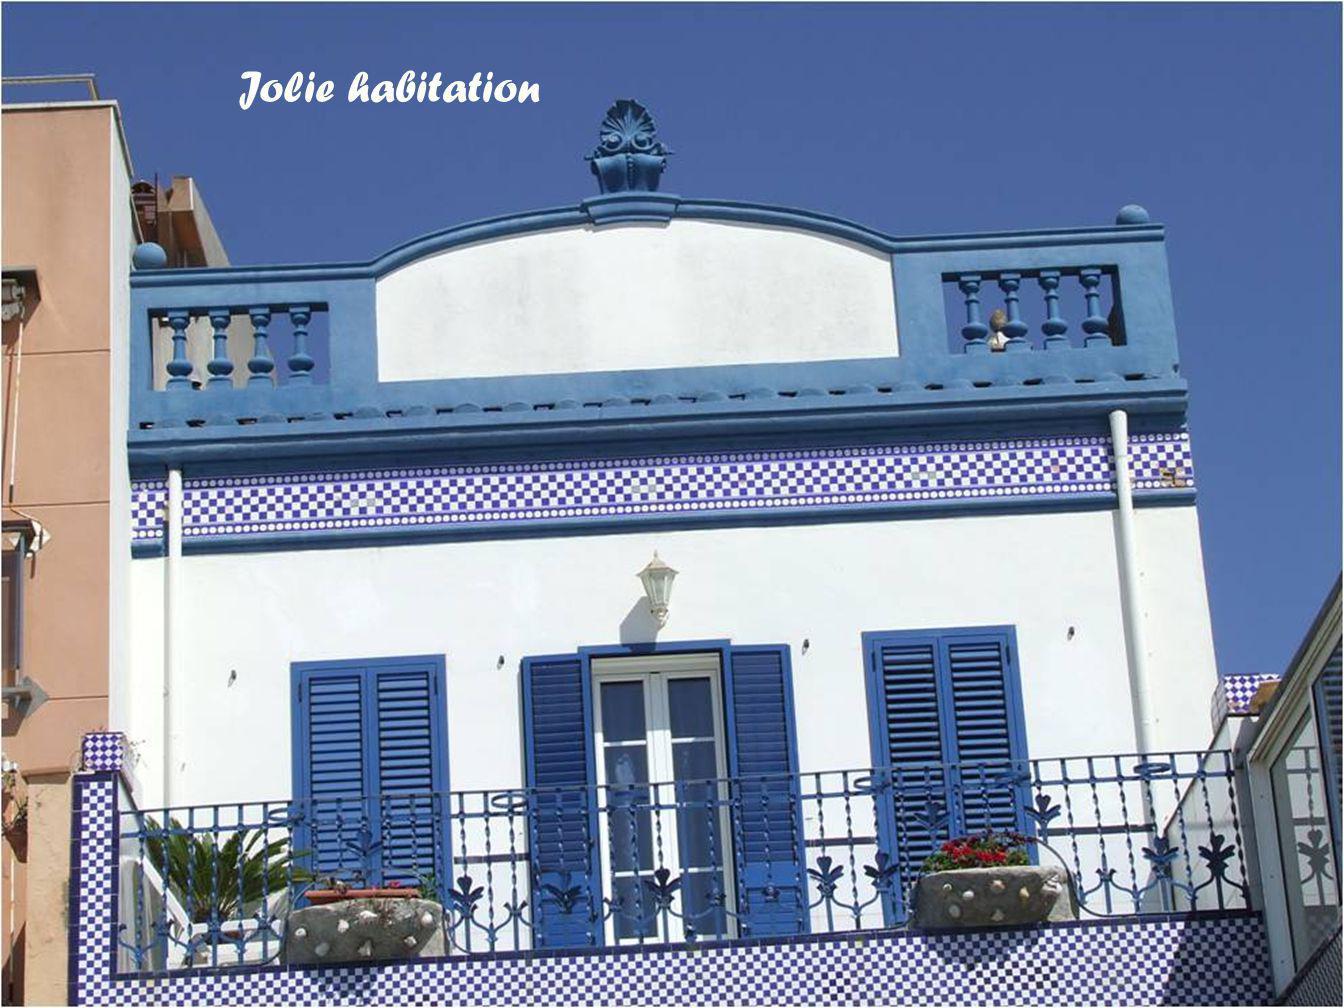 Jolie habitation